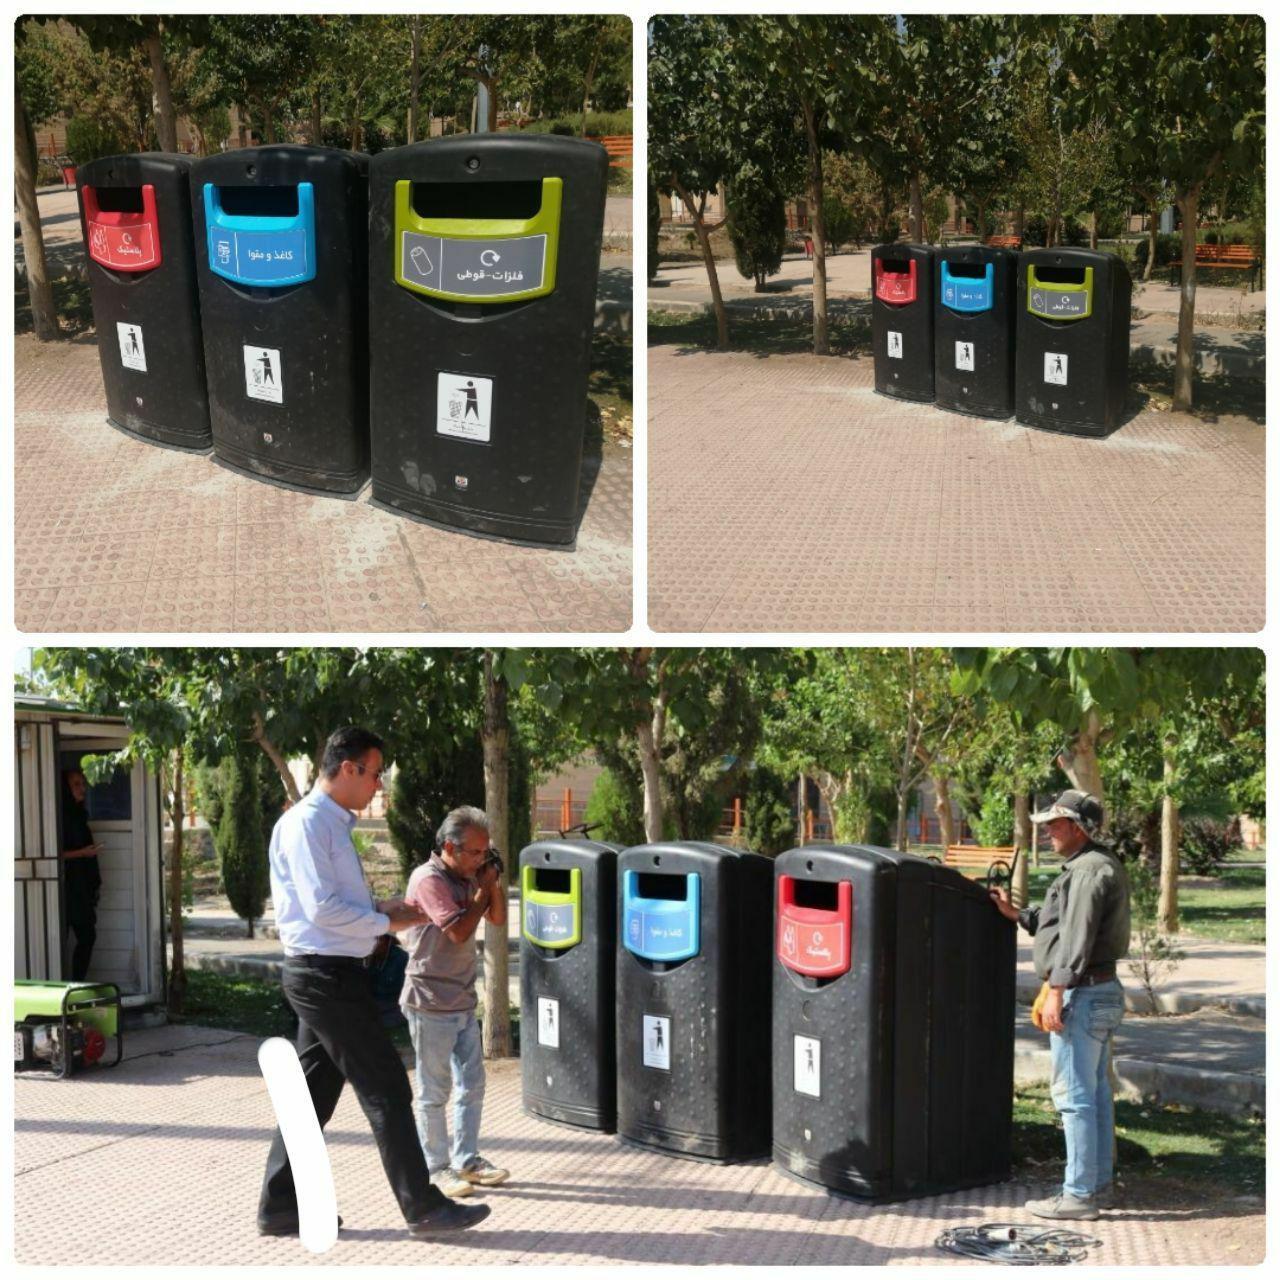 اجرای طرح نصب باکس های آموزش تفکیک زباله از مبداء در میادین و معابر اصلی شهر پرند